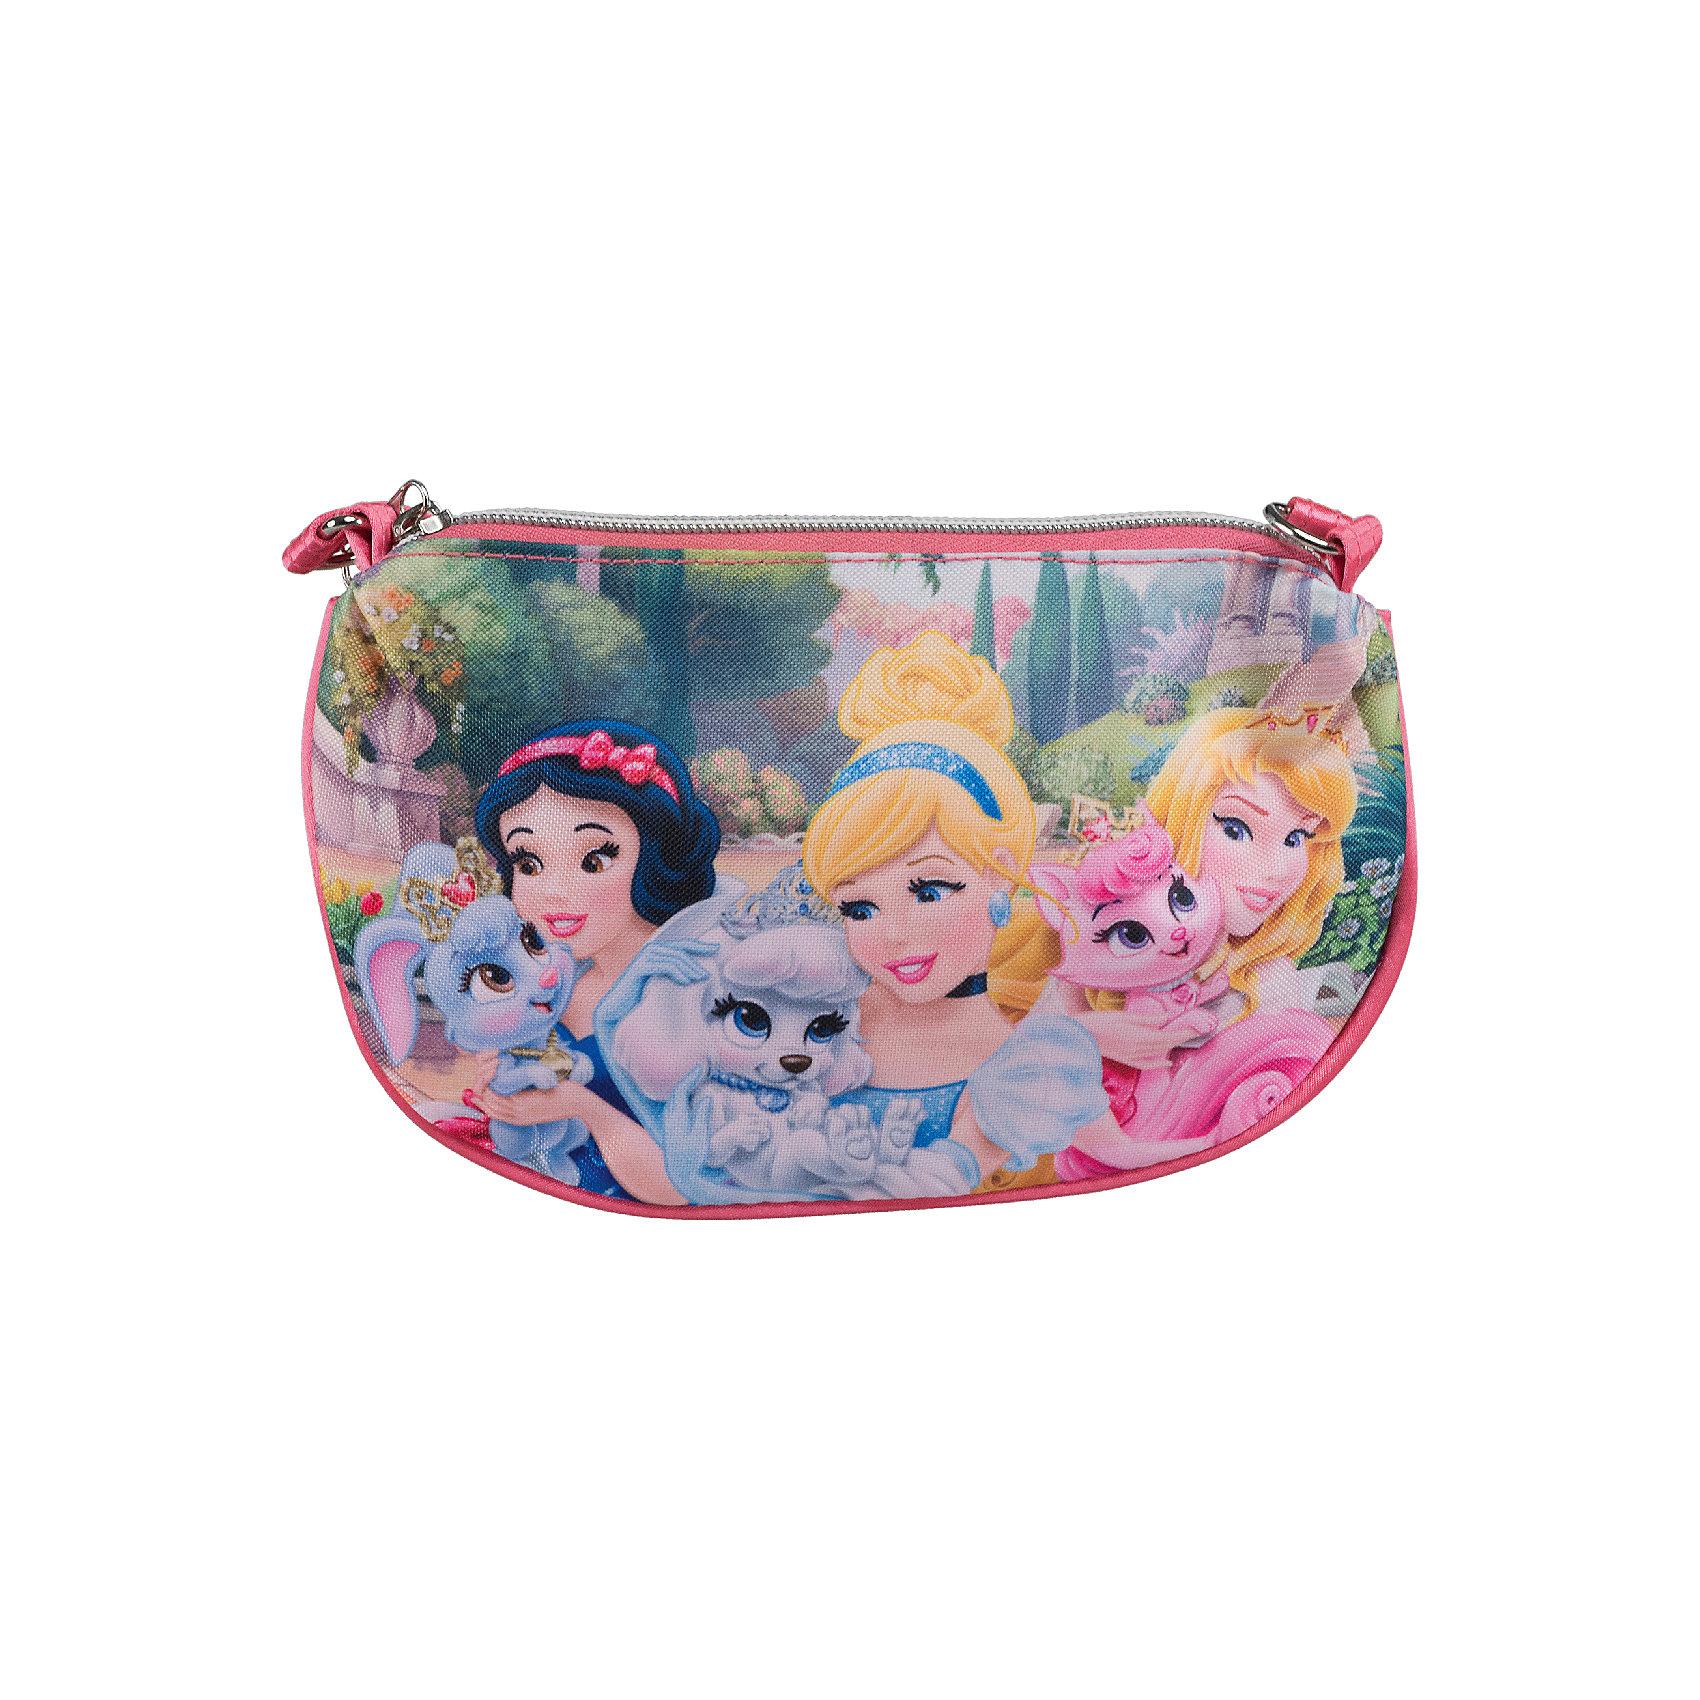 Сумка-клатч, Принцессы ДиснейДетские сумки<br>Детская сумочка-клатч - это одновременно стильная и удобная вещь. Она компактна и не занимает много места, в ней можно разместить все самые необходимые вещи. Сумочка закрывается на молнию и снабжена текстильной ручкой.<br><br>Дополнительная информация:<br><br>Одно отделение на молнии.<br>Размер 12,5 х 20 х 1 см.<br><br>Сумку-клатч Принцессы Дисней (Disney Princess) 12,5*20*1 см можно купить в нашем магазине.<br><br>Ширина мм: 125<br>Глубина мм: 200<br>Высота мм: 10<br>Вес г: 39<br>Возраст от месяцев: 48<br>Возраст до месяцев: 84<br>Пол: Женский<br>Возраст: Детский<br>SKU: 4140996